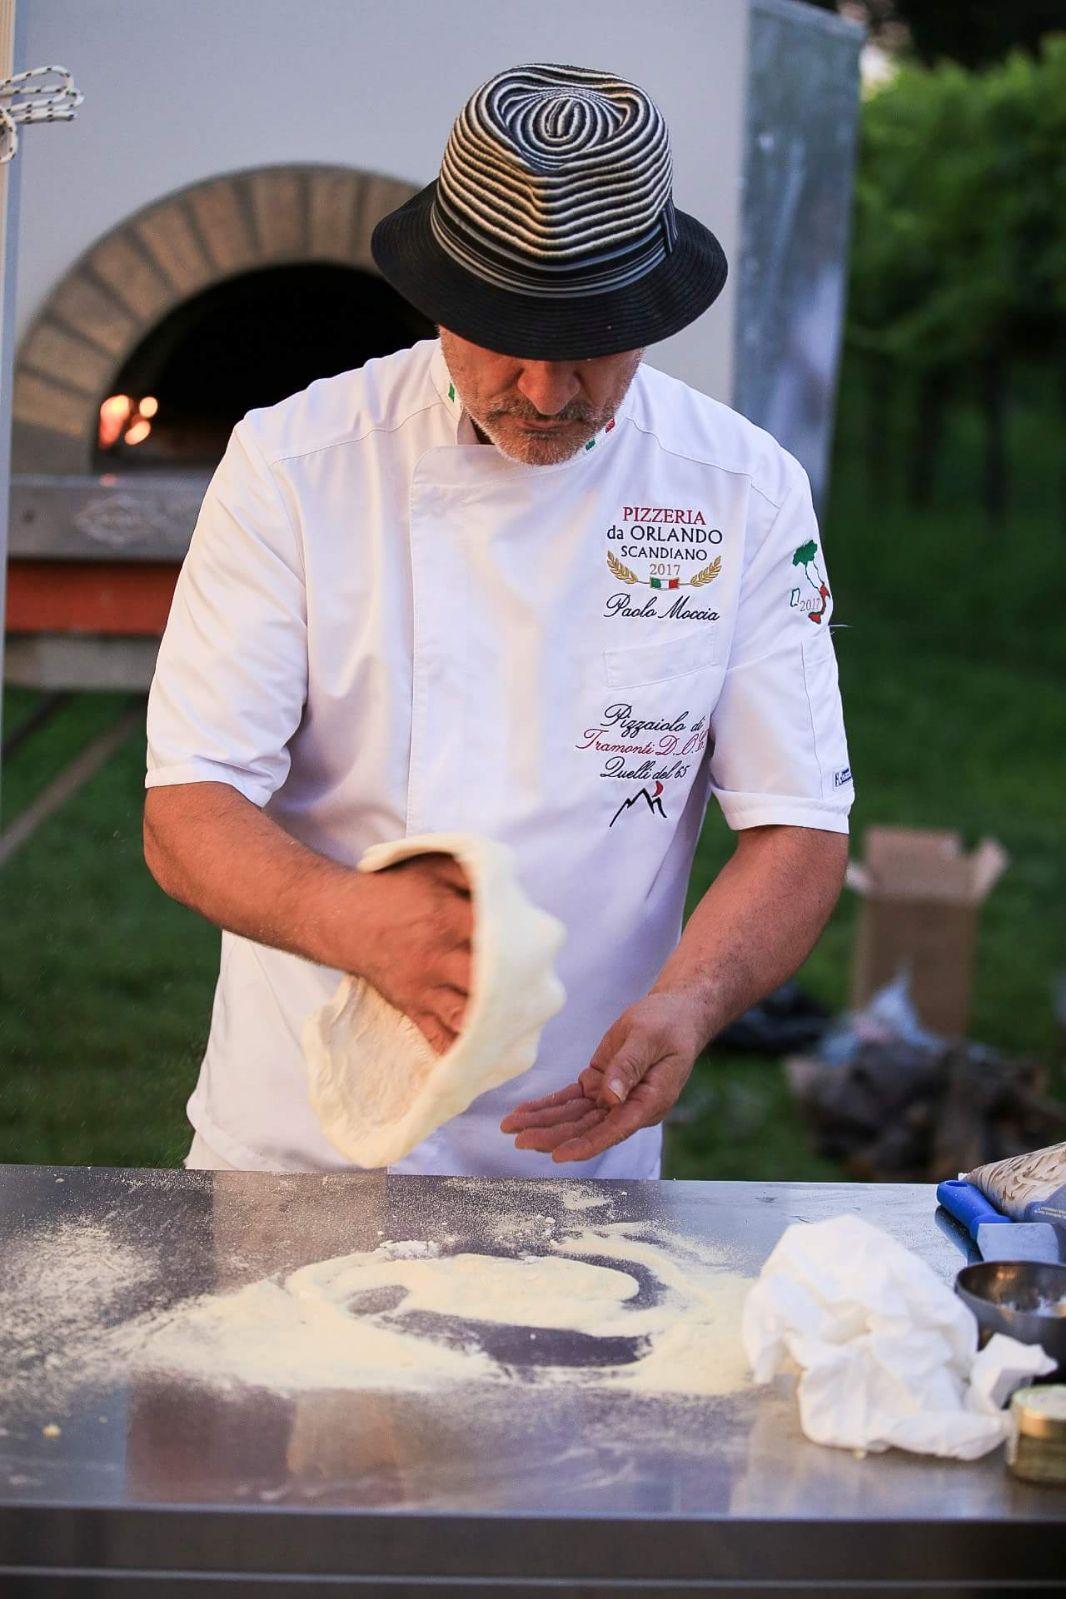 """Pizzeria d'asporto """"Da Orlando"""" Scandiano , (RE) – Paolo Moccia – Ritratto di un pizzaiolo e della sua arte –"""